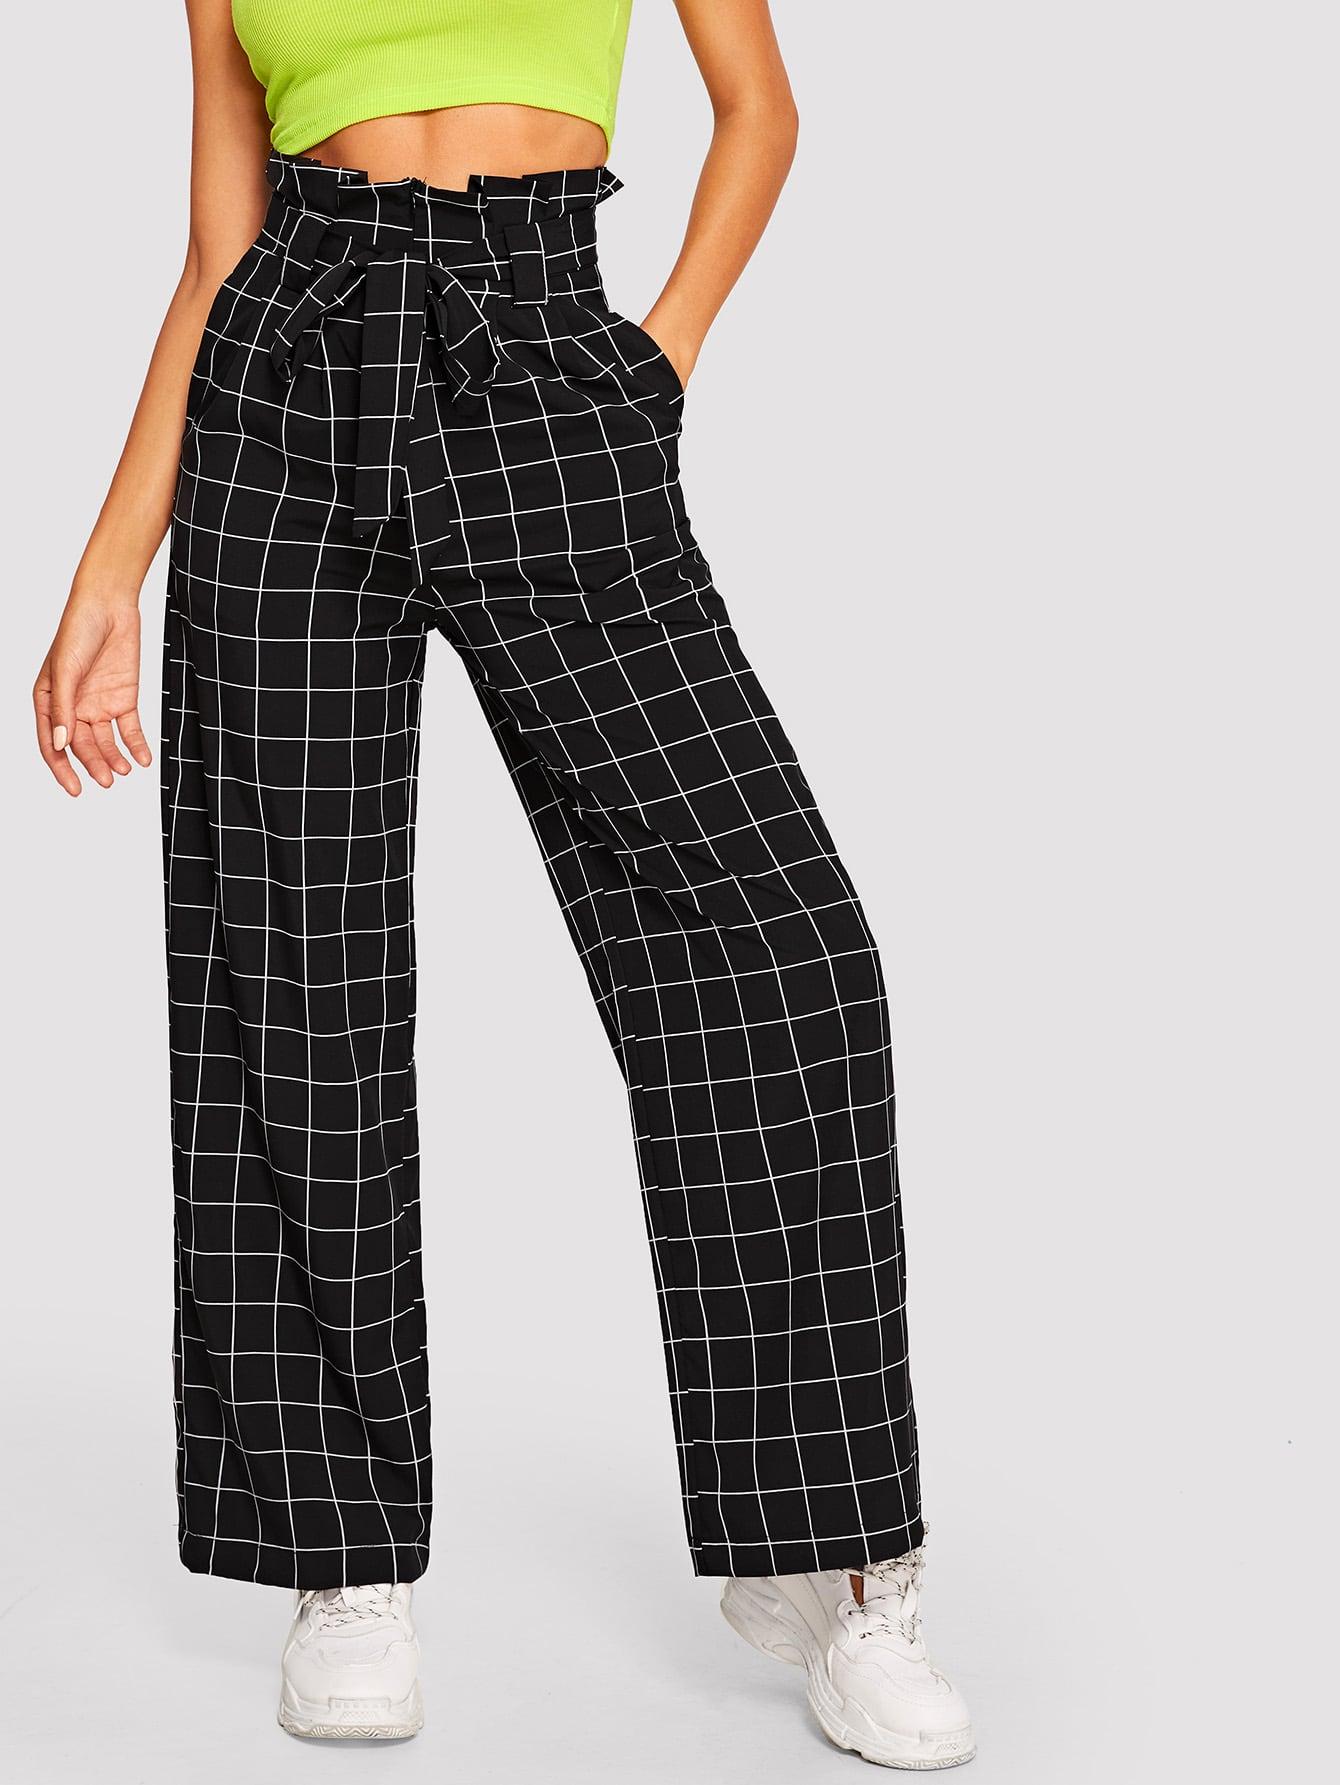 Широкие брюки в клетку с упругой талией, Mary P., SheIn  - купить со скидкой